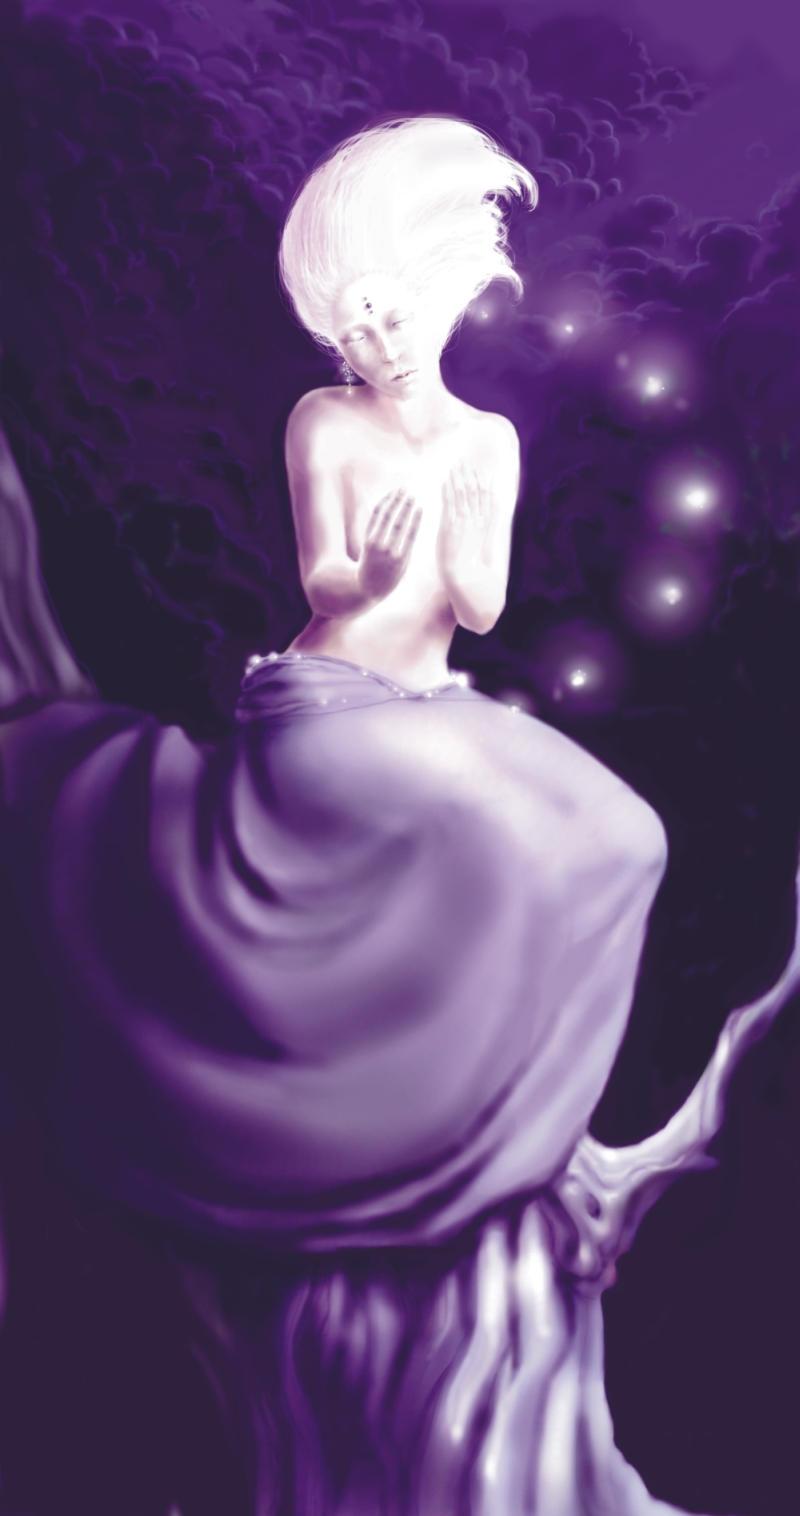 The Star by MikhailD